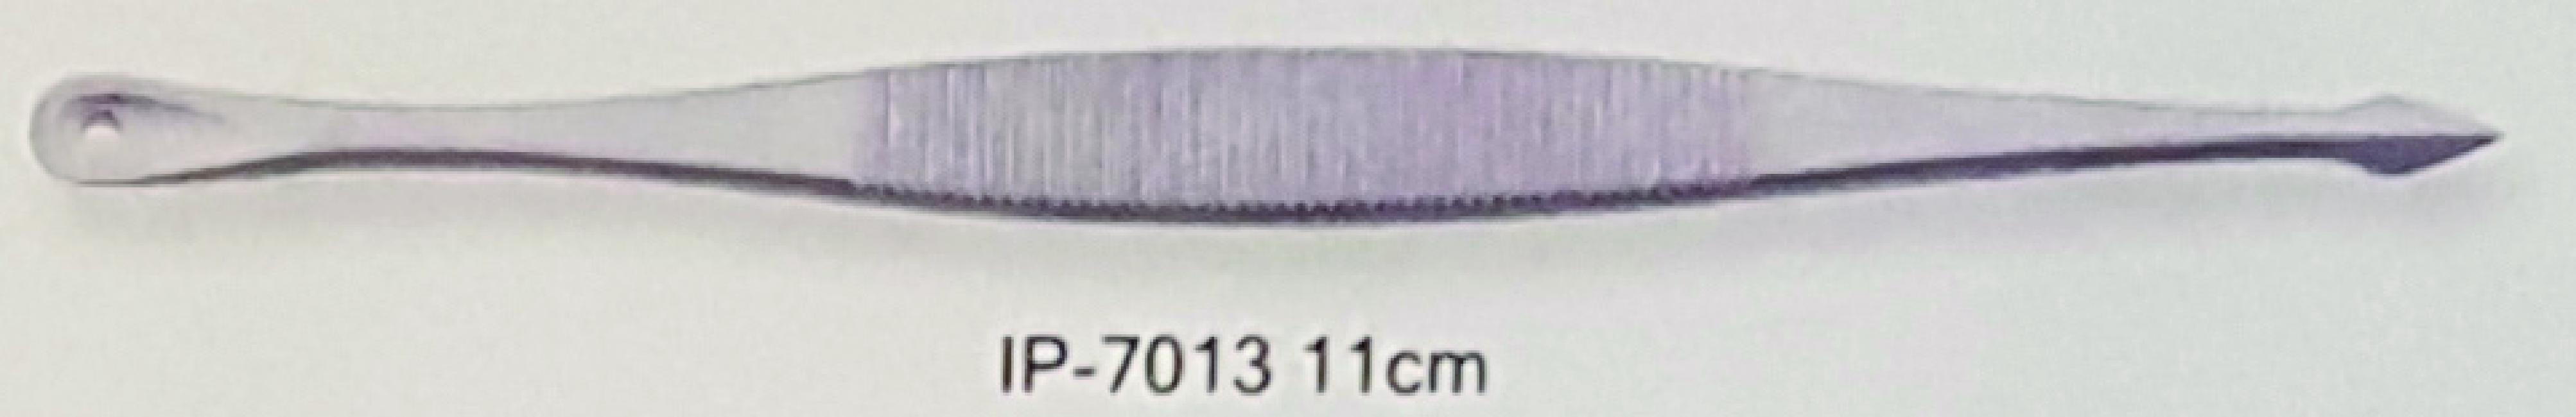 IP-7013 11cm